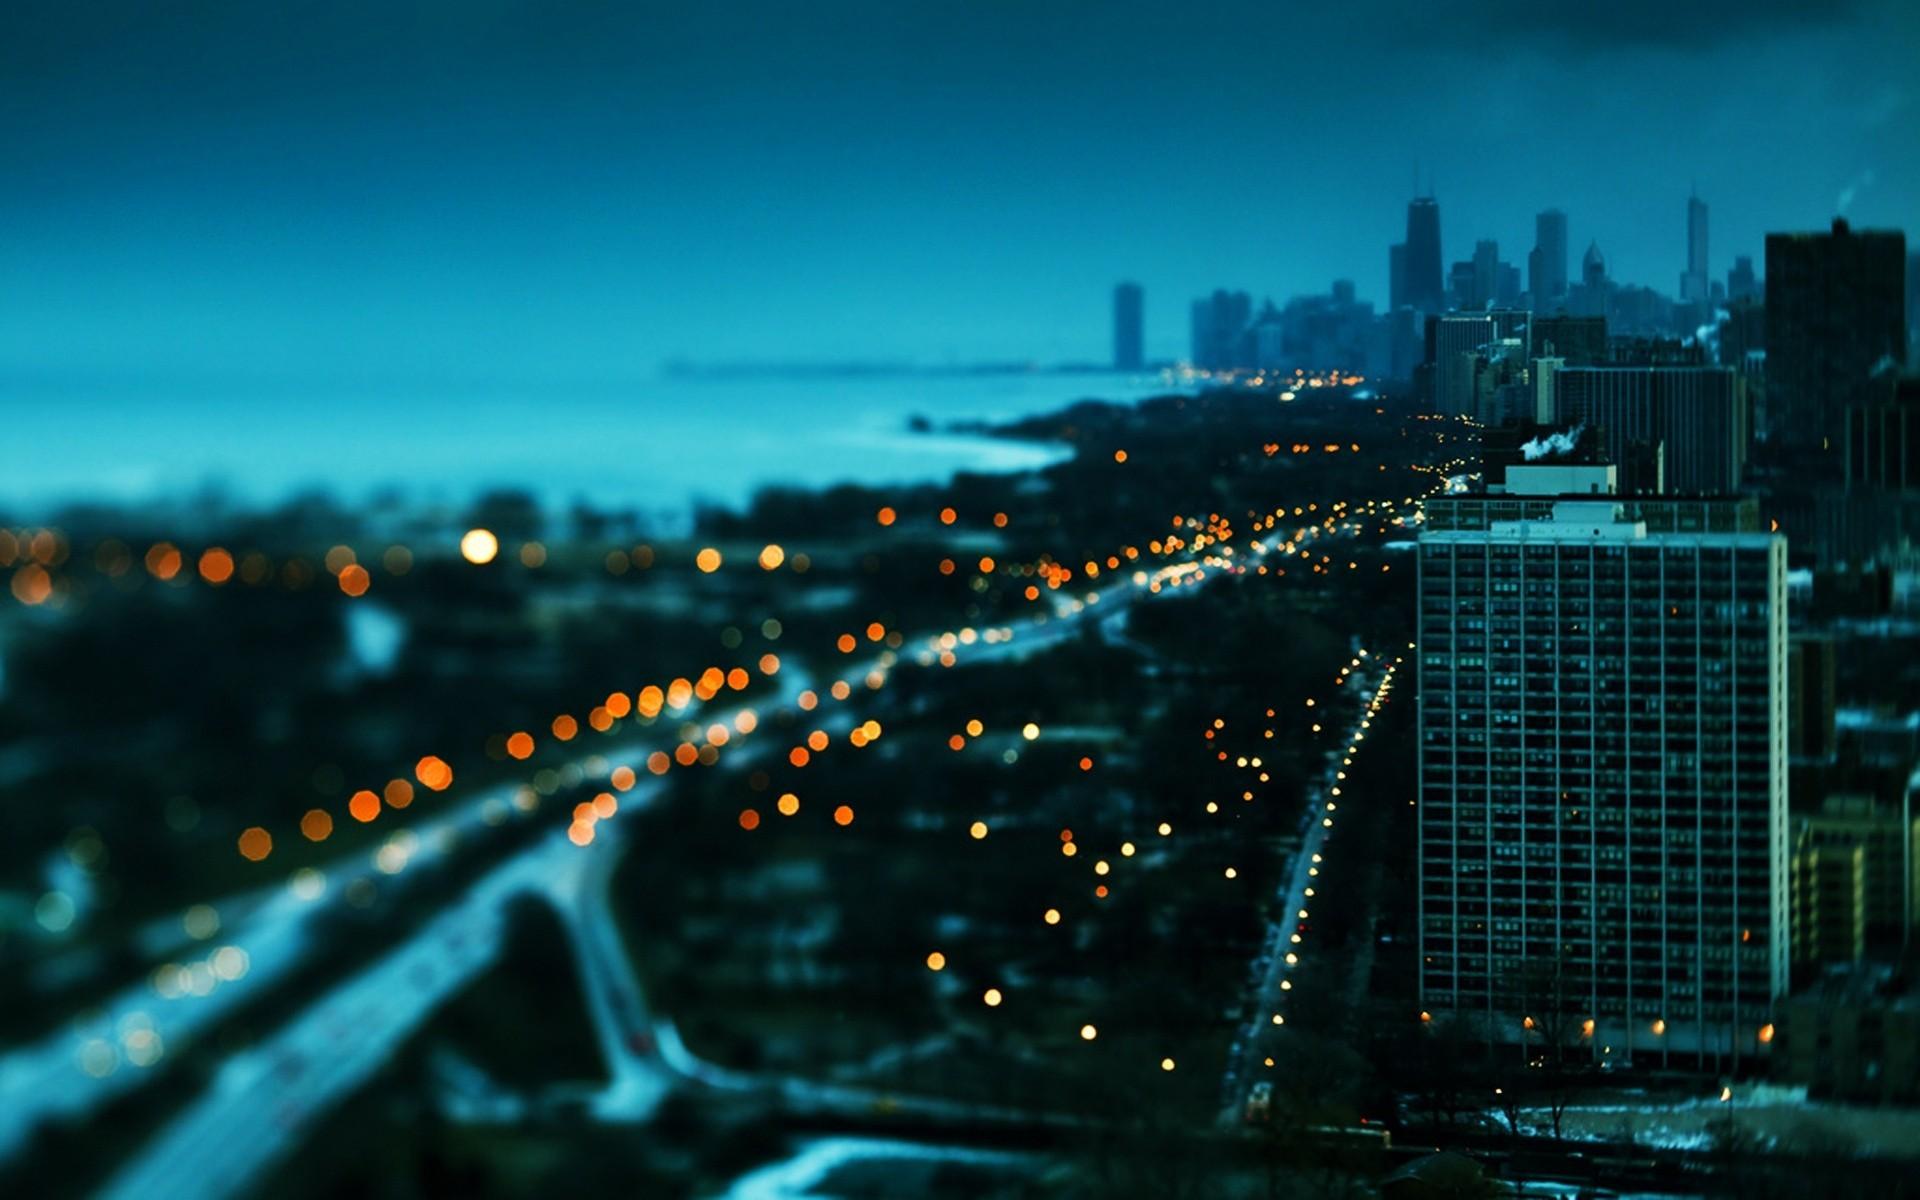 Город ночь небо  № 3705686 загрузить